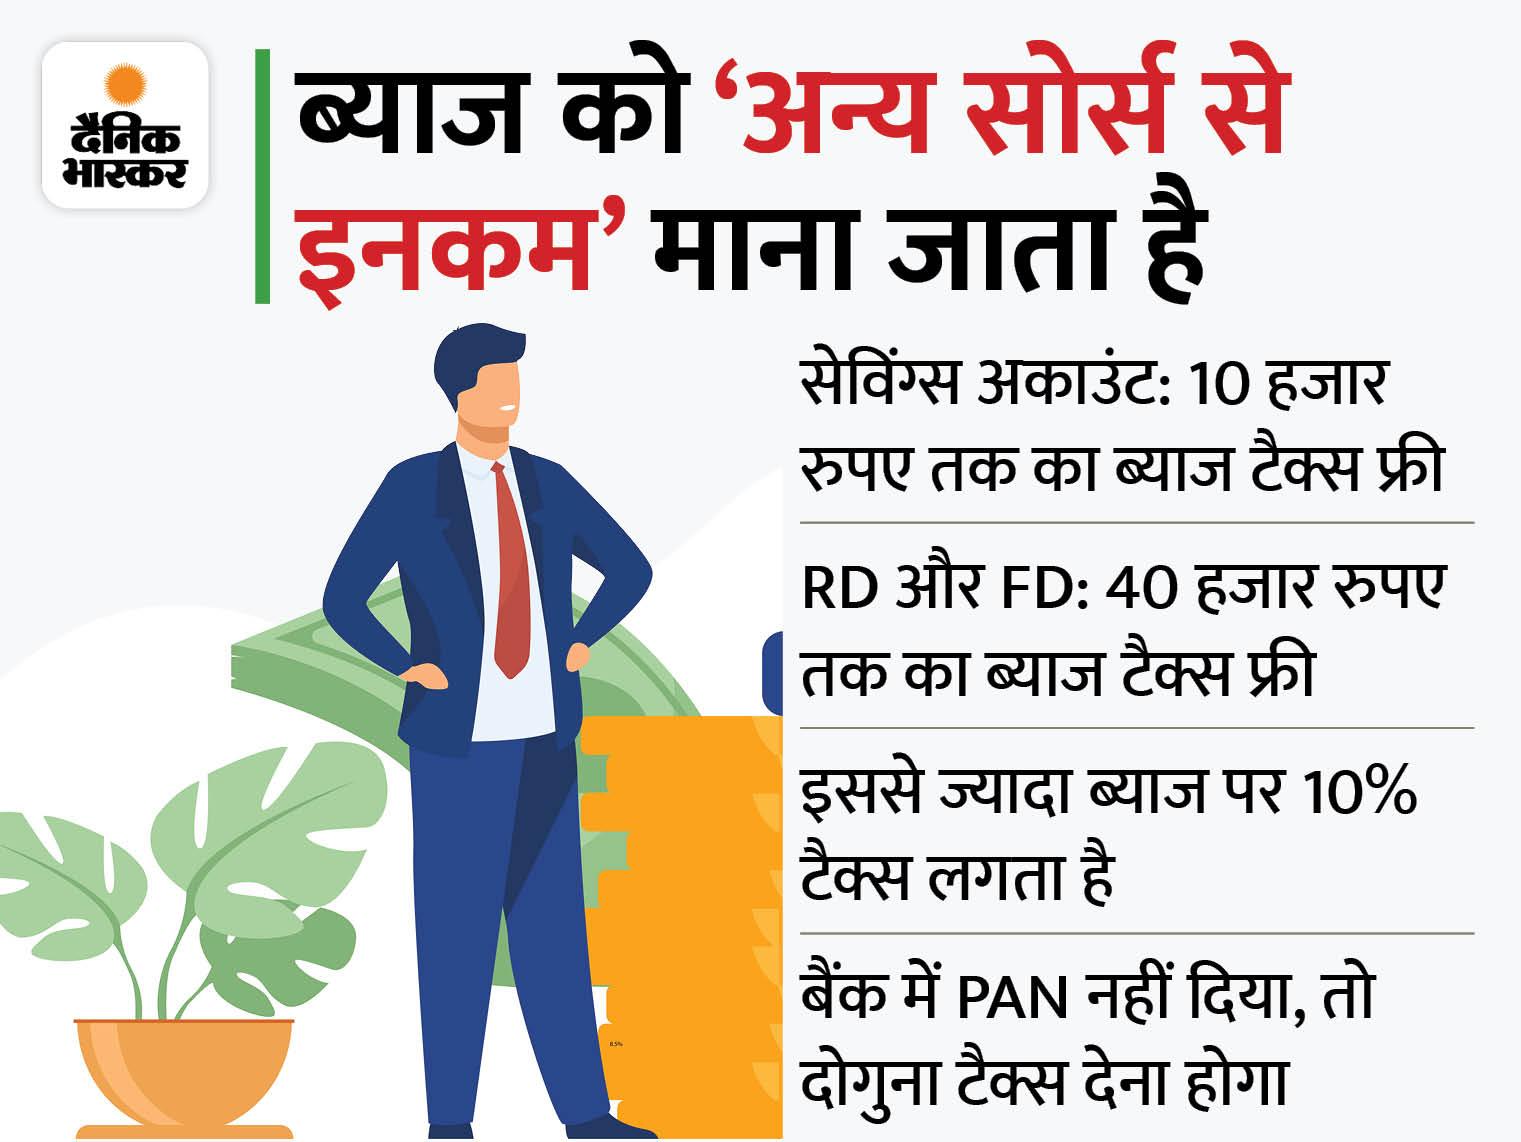 सेविंग्स अकाउंट, FD और RD पर मिलने वाले ब्याज पर भी देना होता है टैक्स, यहां जानें क्या हैं इसको लेकर नियम बिजनेस,Business - Dainik Bhaskar